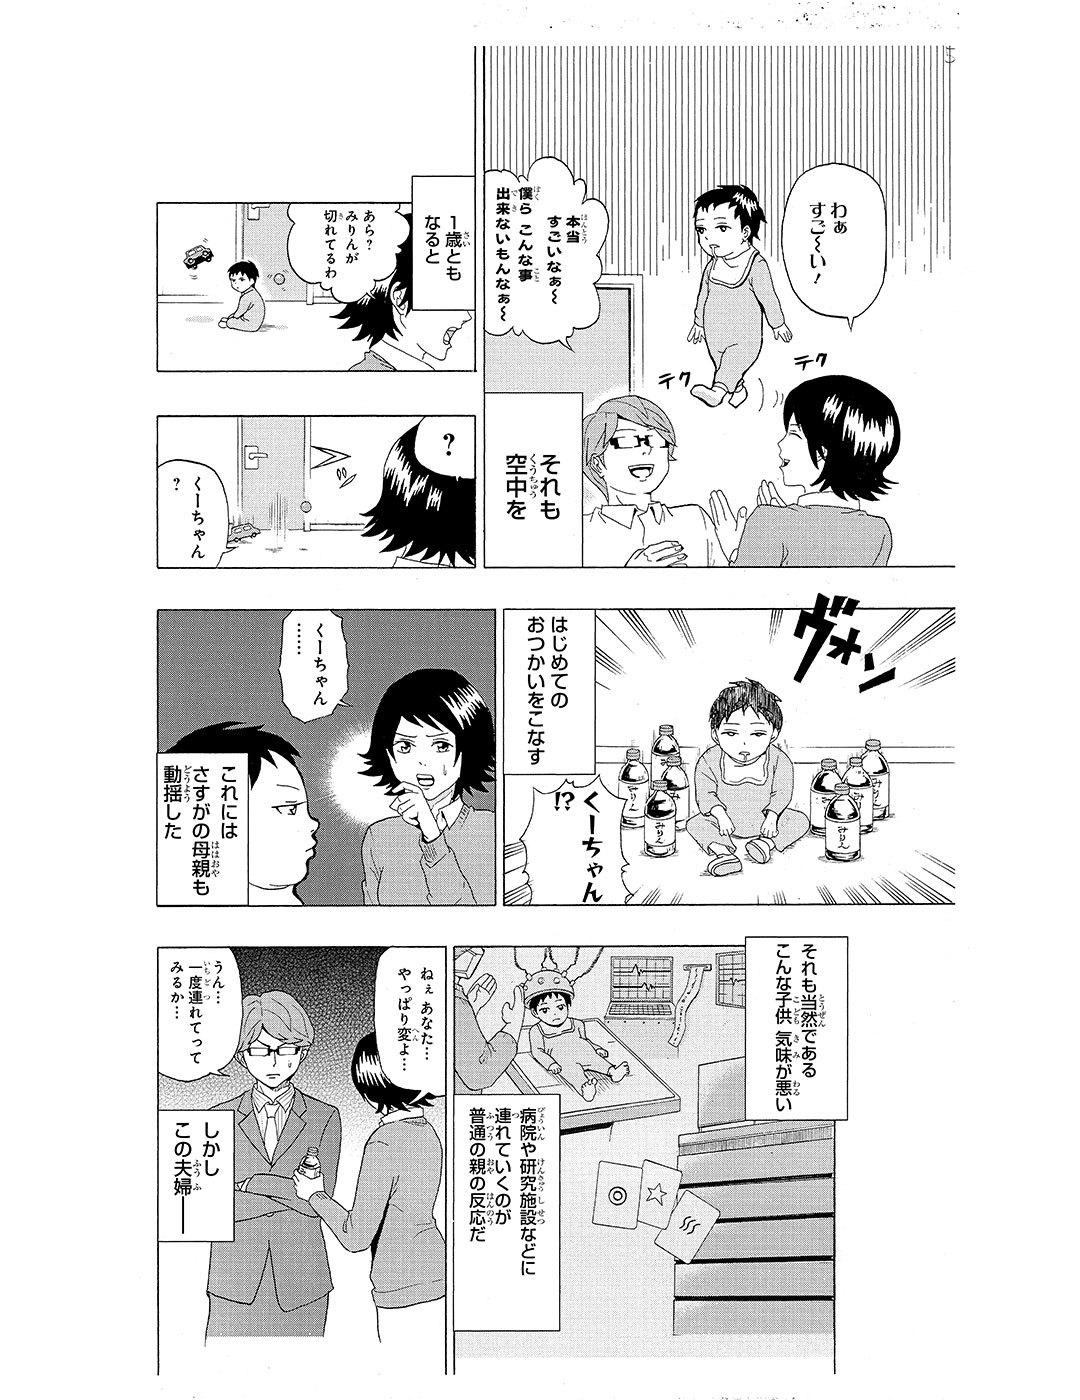 斉木楠雄のΨ難 第1話|試し読み_1_1-6